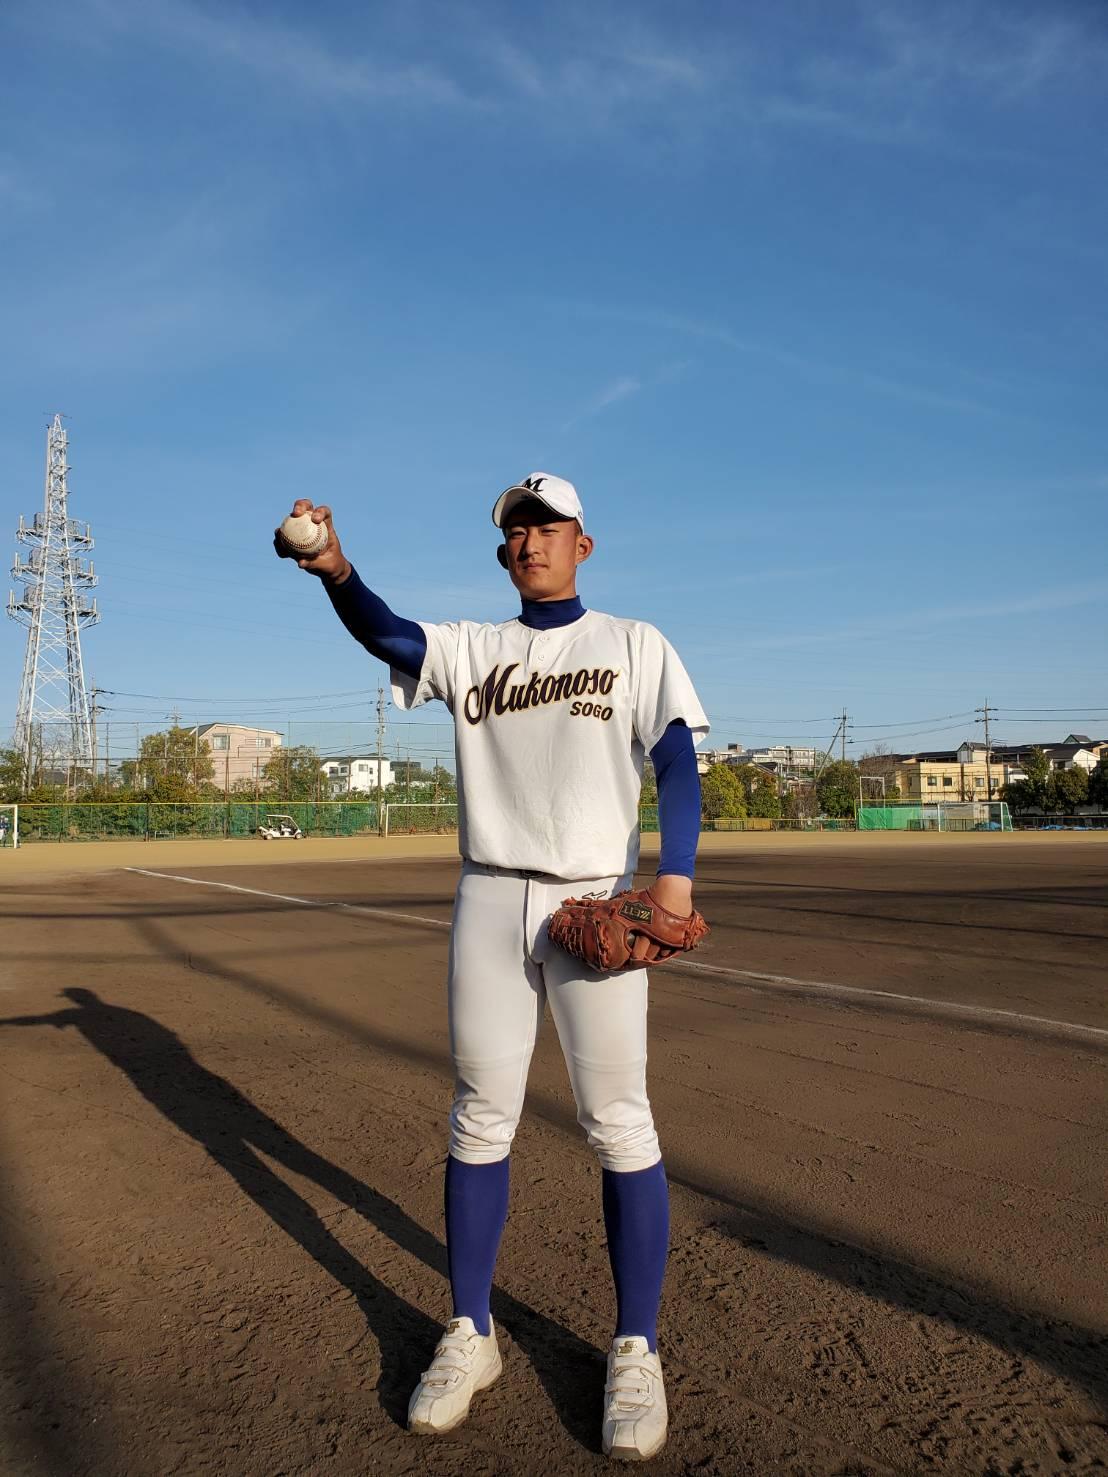 武庫荘総合・斉藤汰直投手は今季の飛躍を誓い、球速150キロ到達を目指す